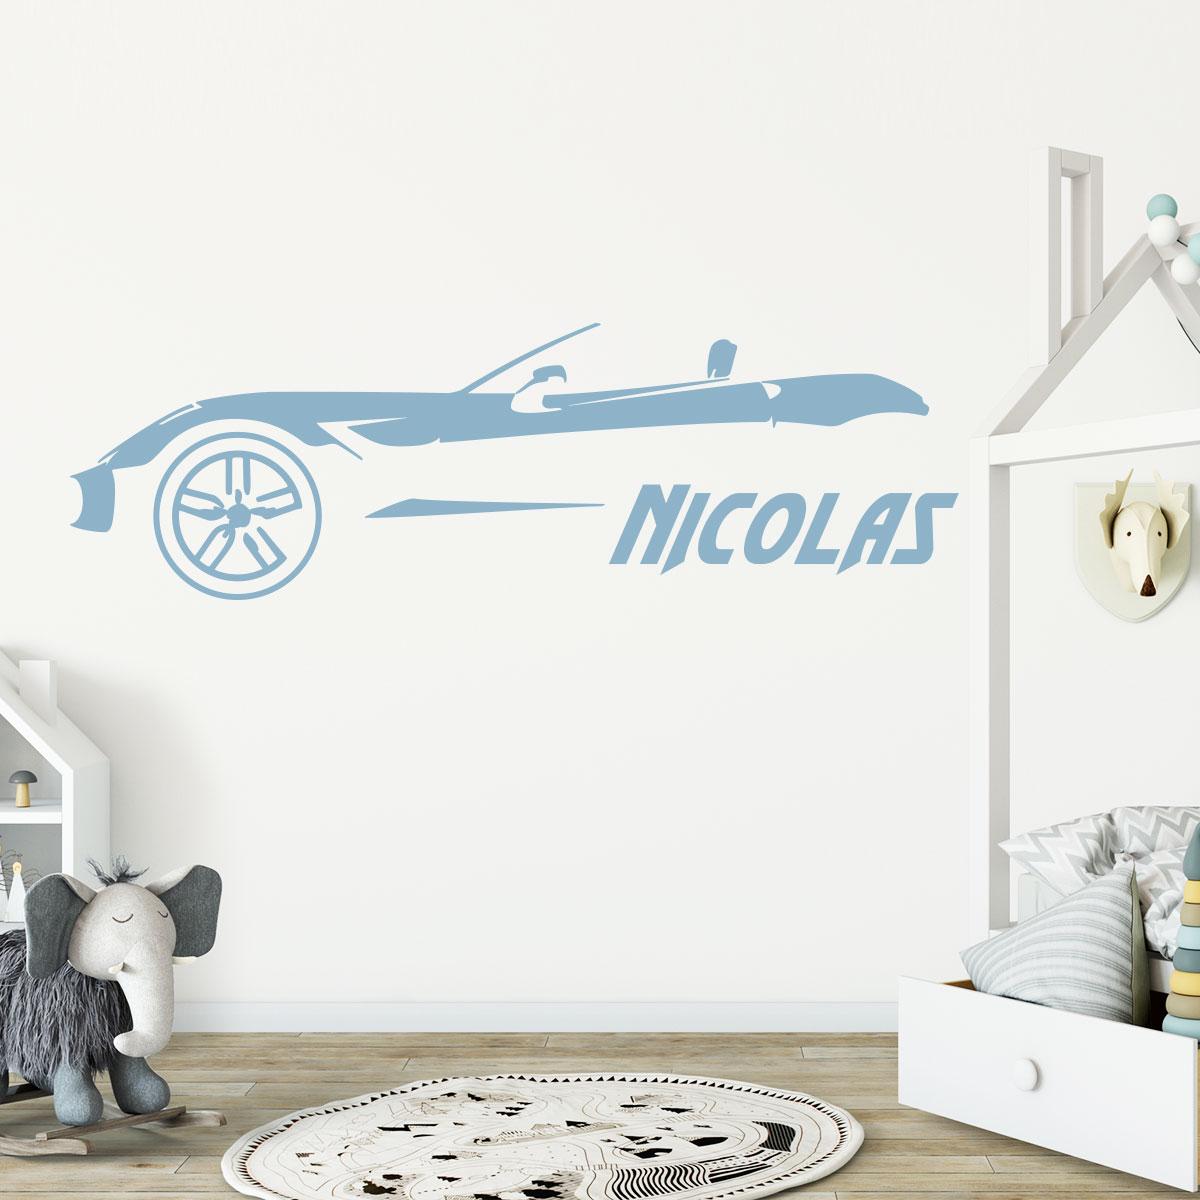 Sticker pr nom personnalis voiture de luxe chambre - Stickers muraux personnalise ...